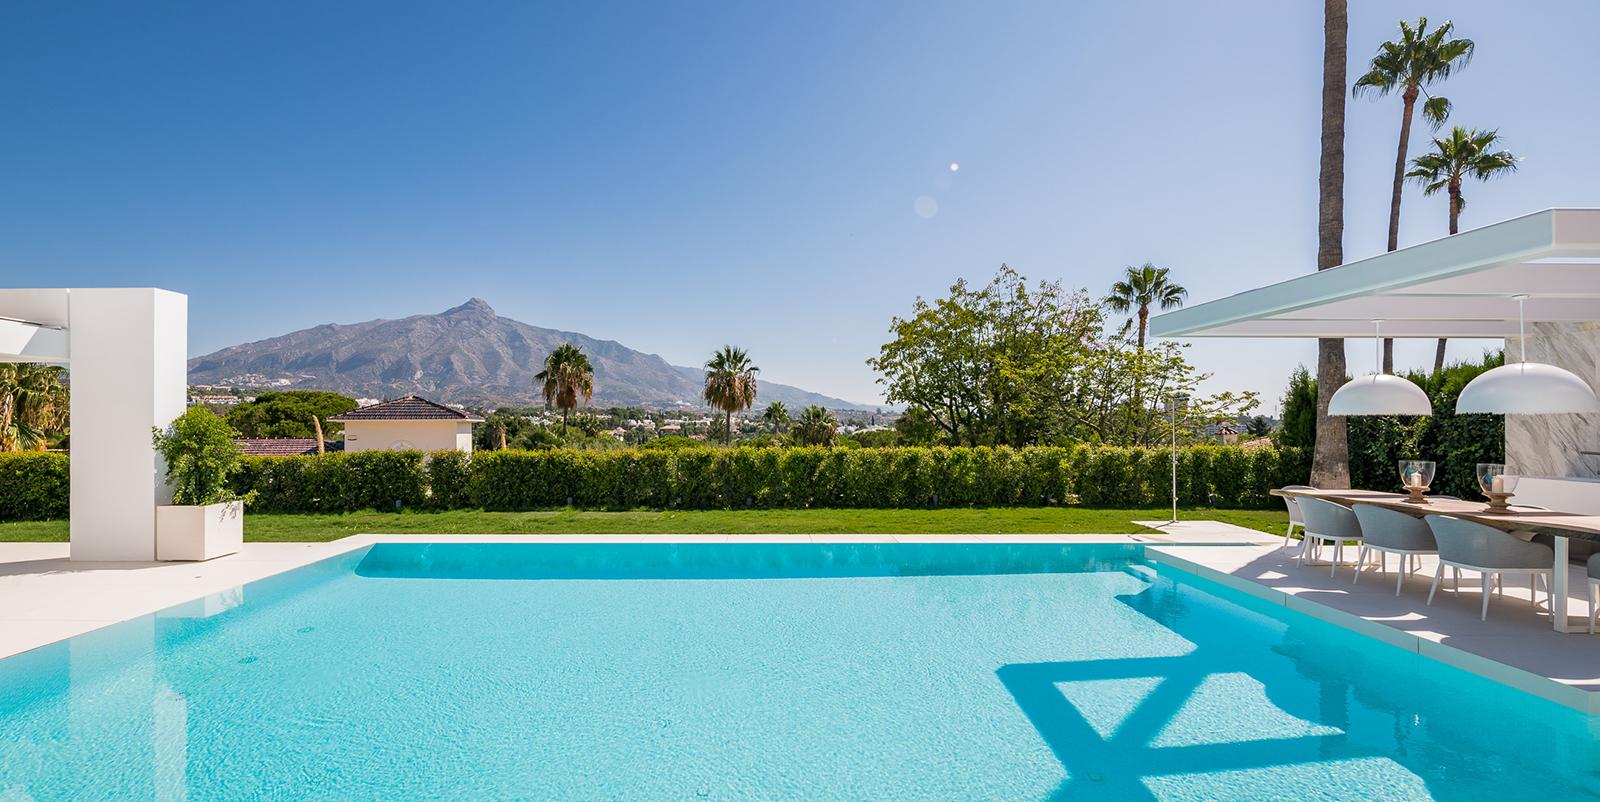 Villa moderna con impresionantes vistas de La Concha y el Valle del Golf